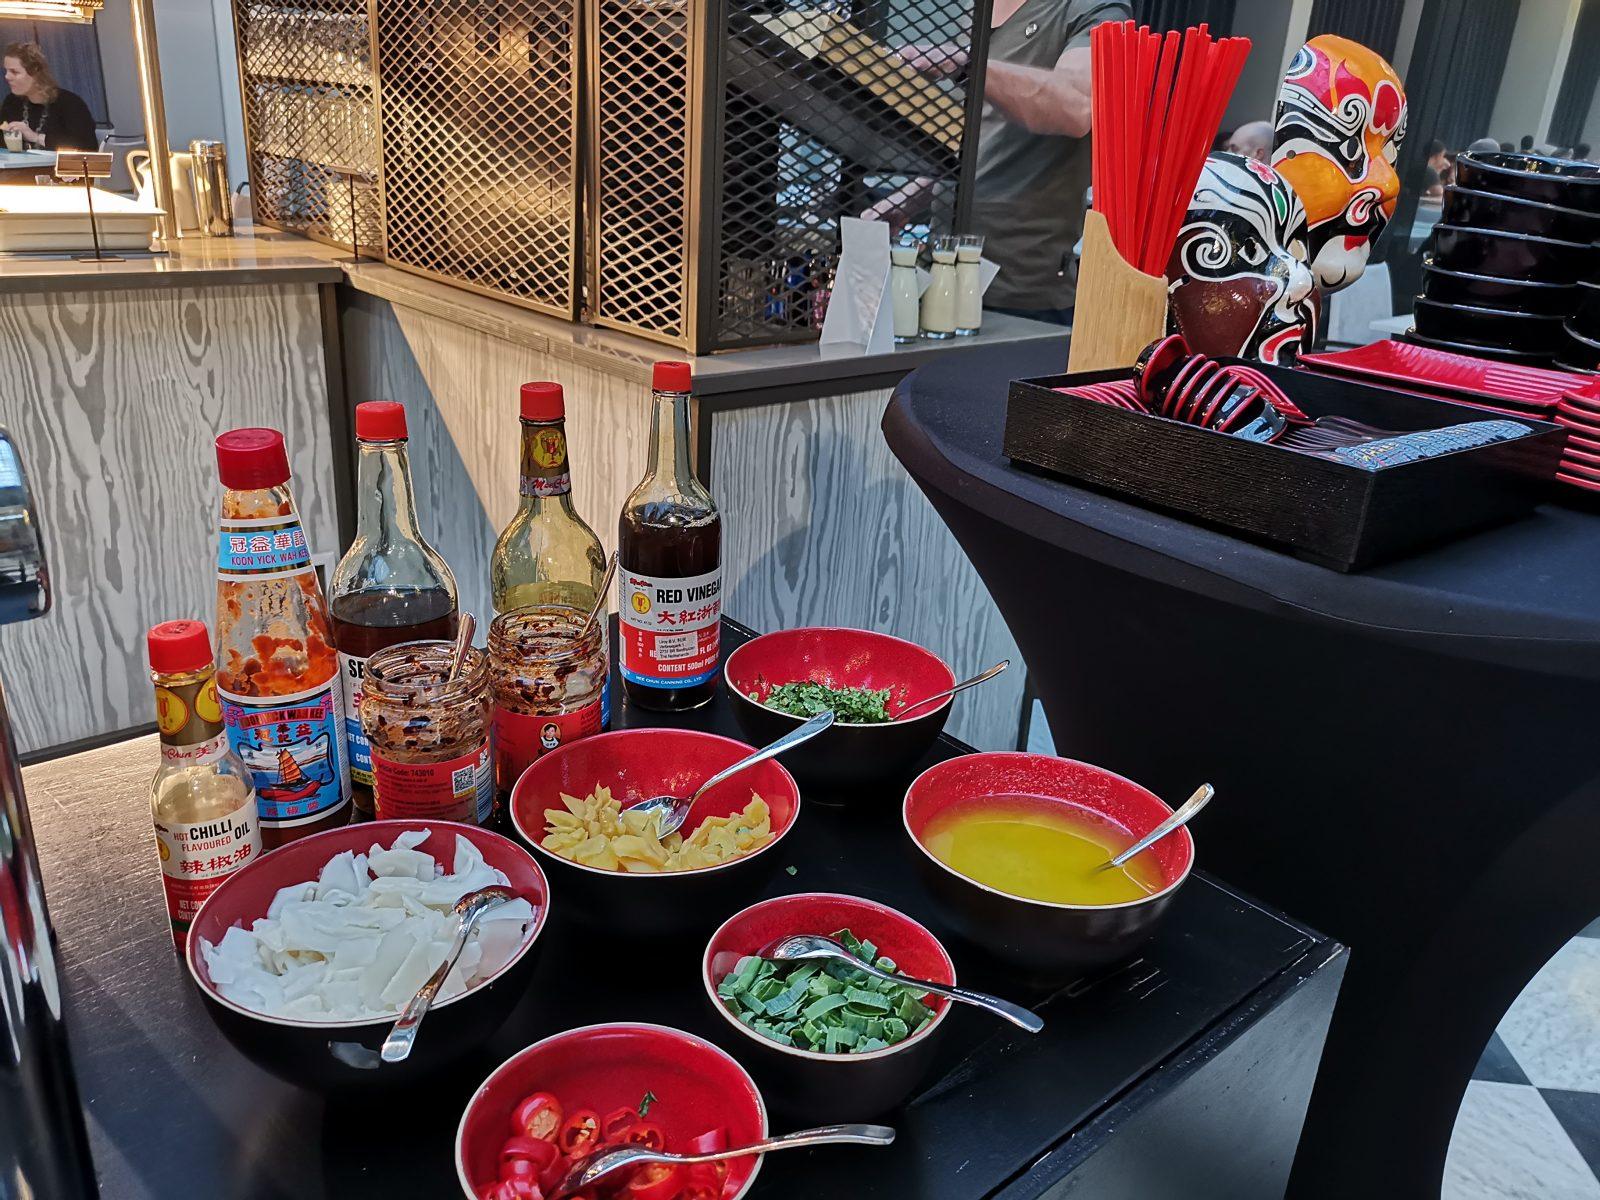 NH コレクション アムステルダム グランド ホテル クラスナポルスキーの朝食(中華の調味料)